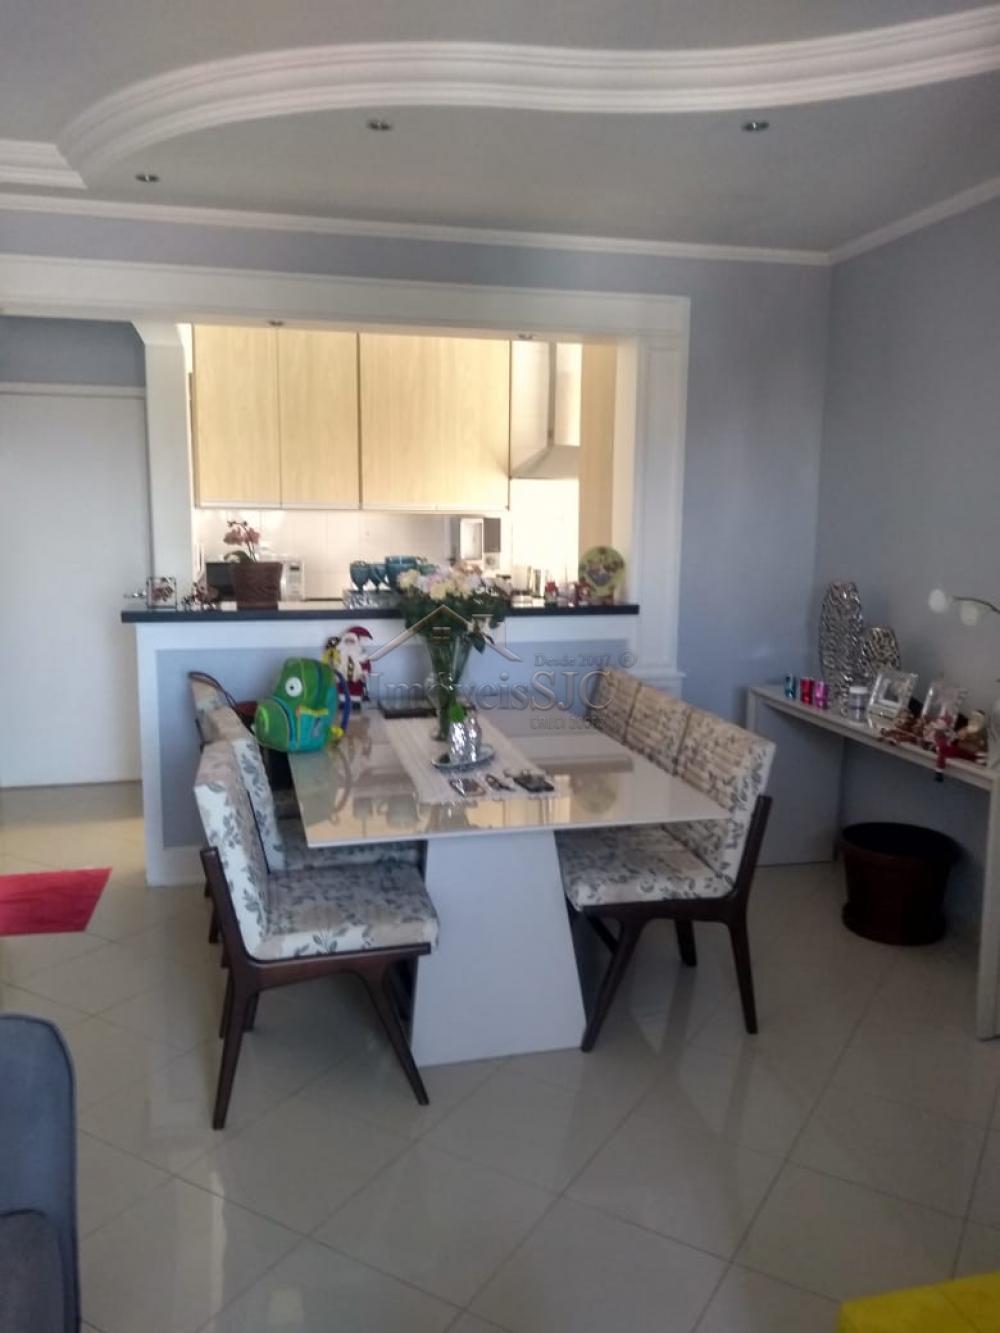 Comprar Apartamentos / Padrão em São José dos Campos apenas R$ 340.000,00 - Foto 2